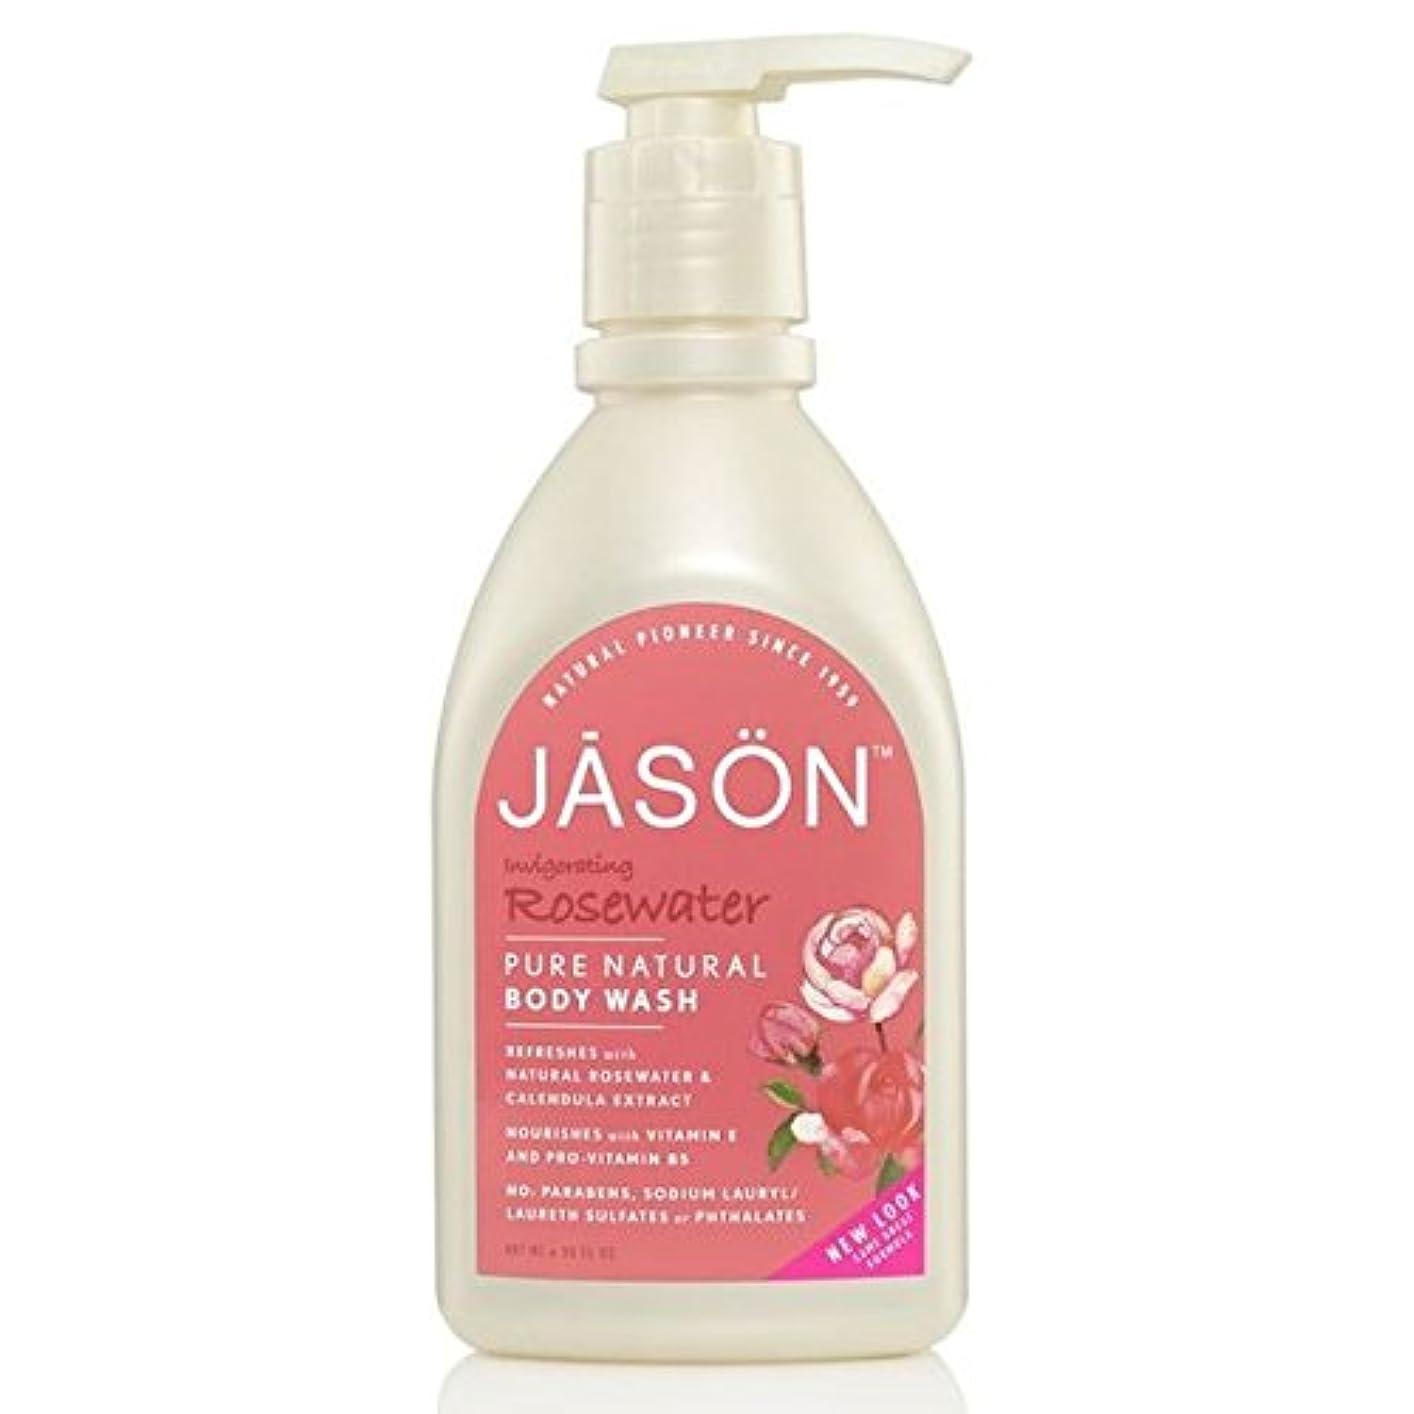 抵抗する知覚するミュートJason Body Wash Rosewater Satin Shower 900ml - ジェイソン?ボディウォッシュローズウォーターサテンシャワー900ミリリットル [並行輸入品]